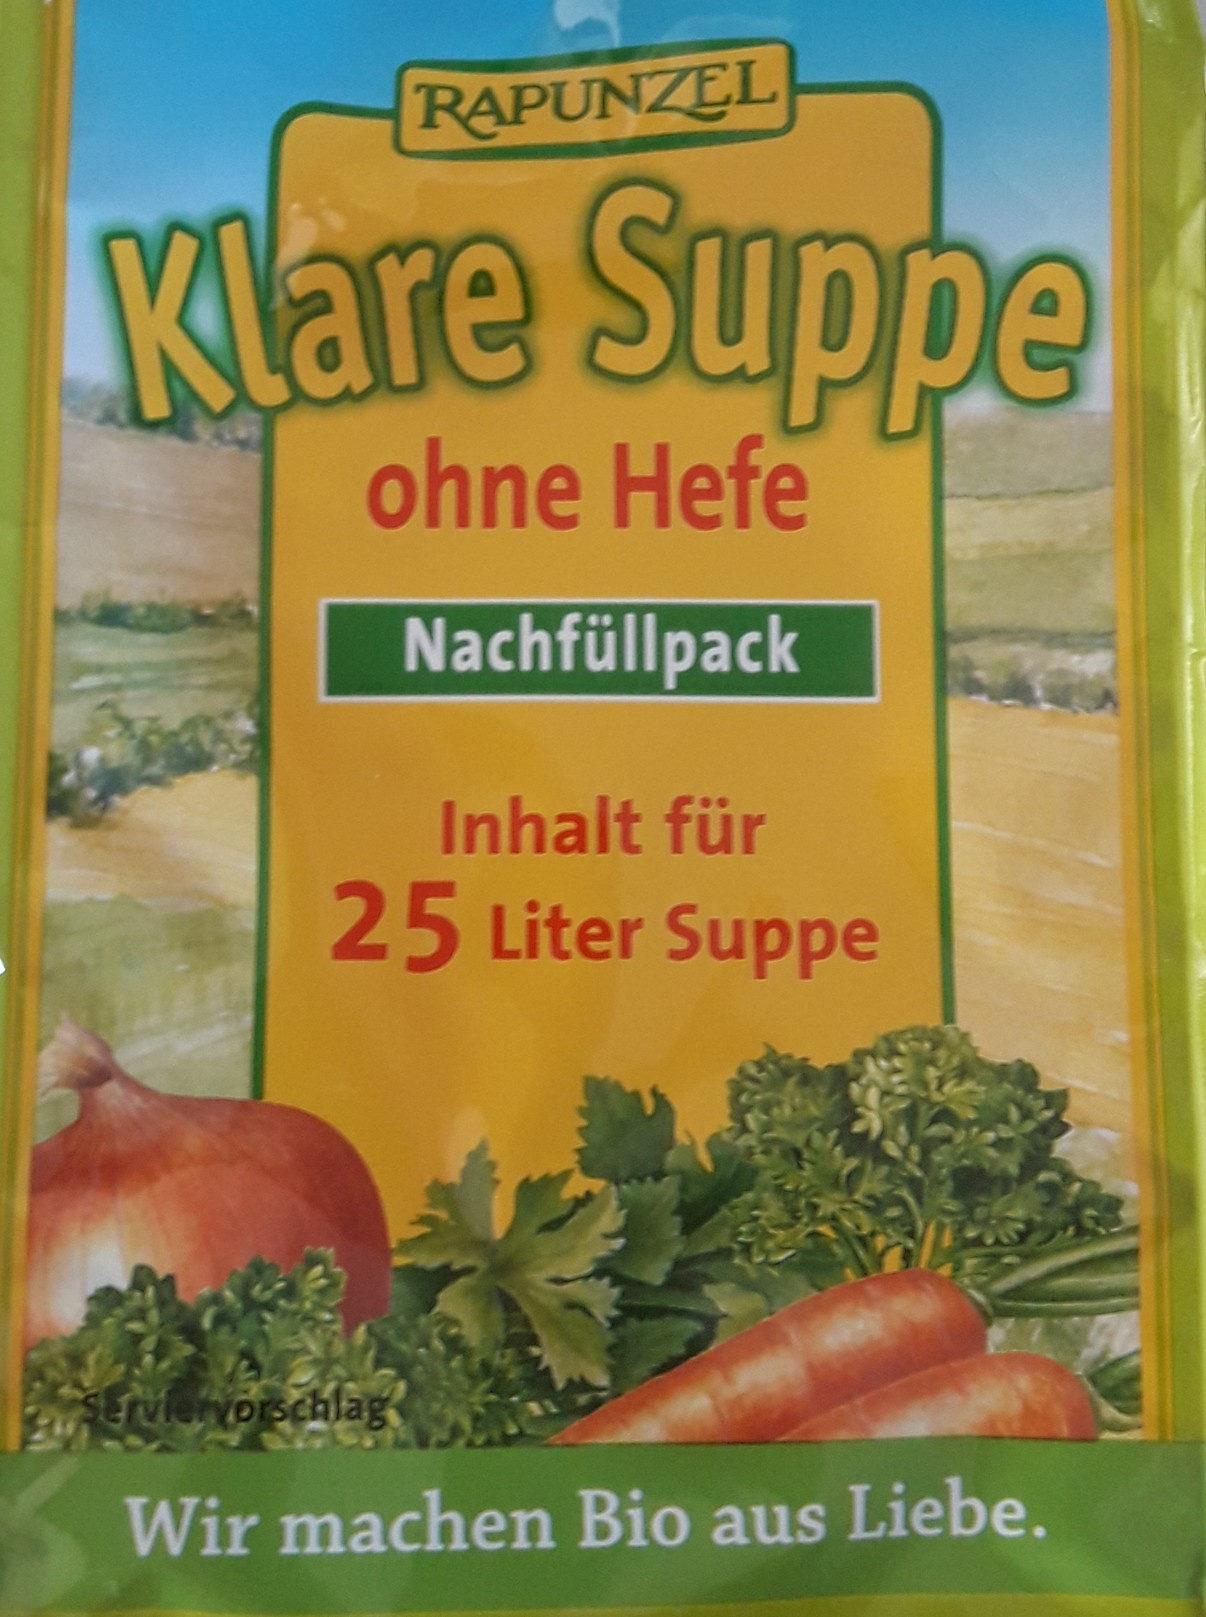 Bouillon sans levure - Klare Suppe - Product - fr